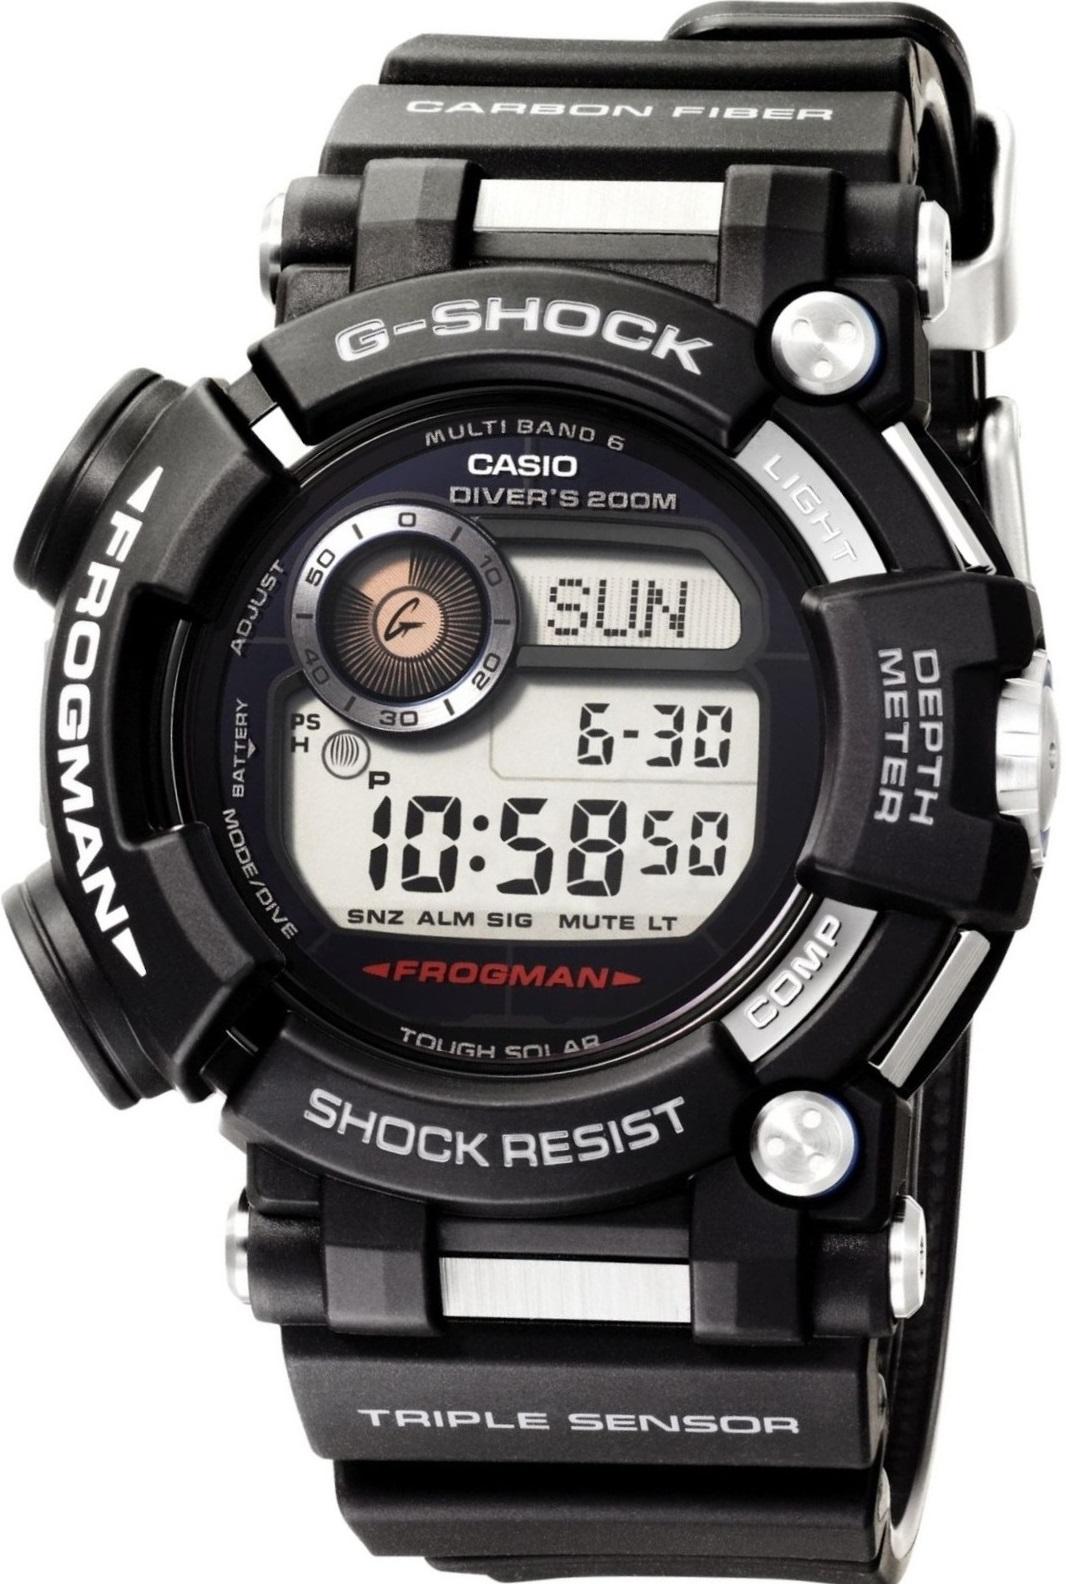 Мужские часы Casio G-Shock GWF-D1000-1ER